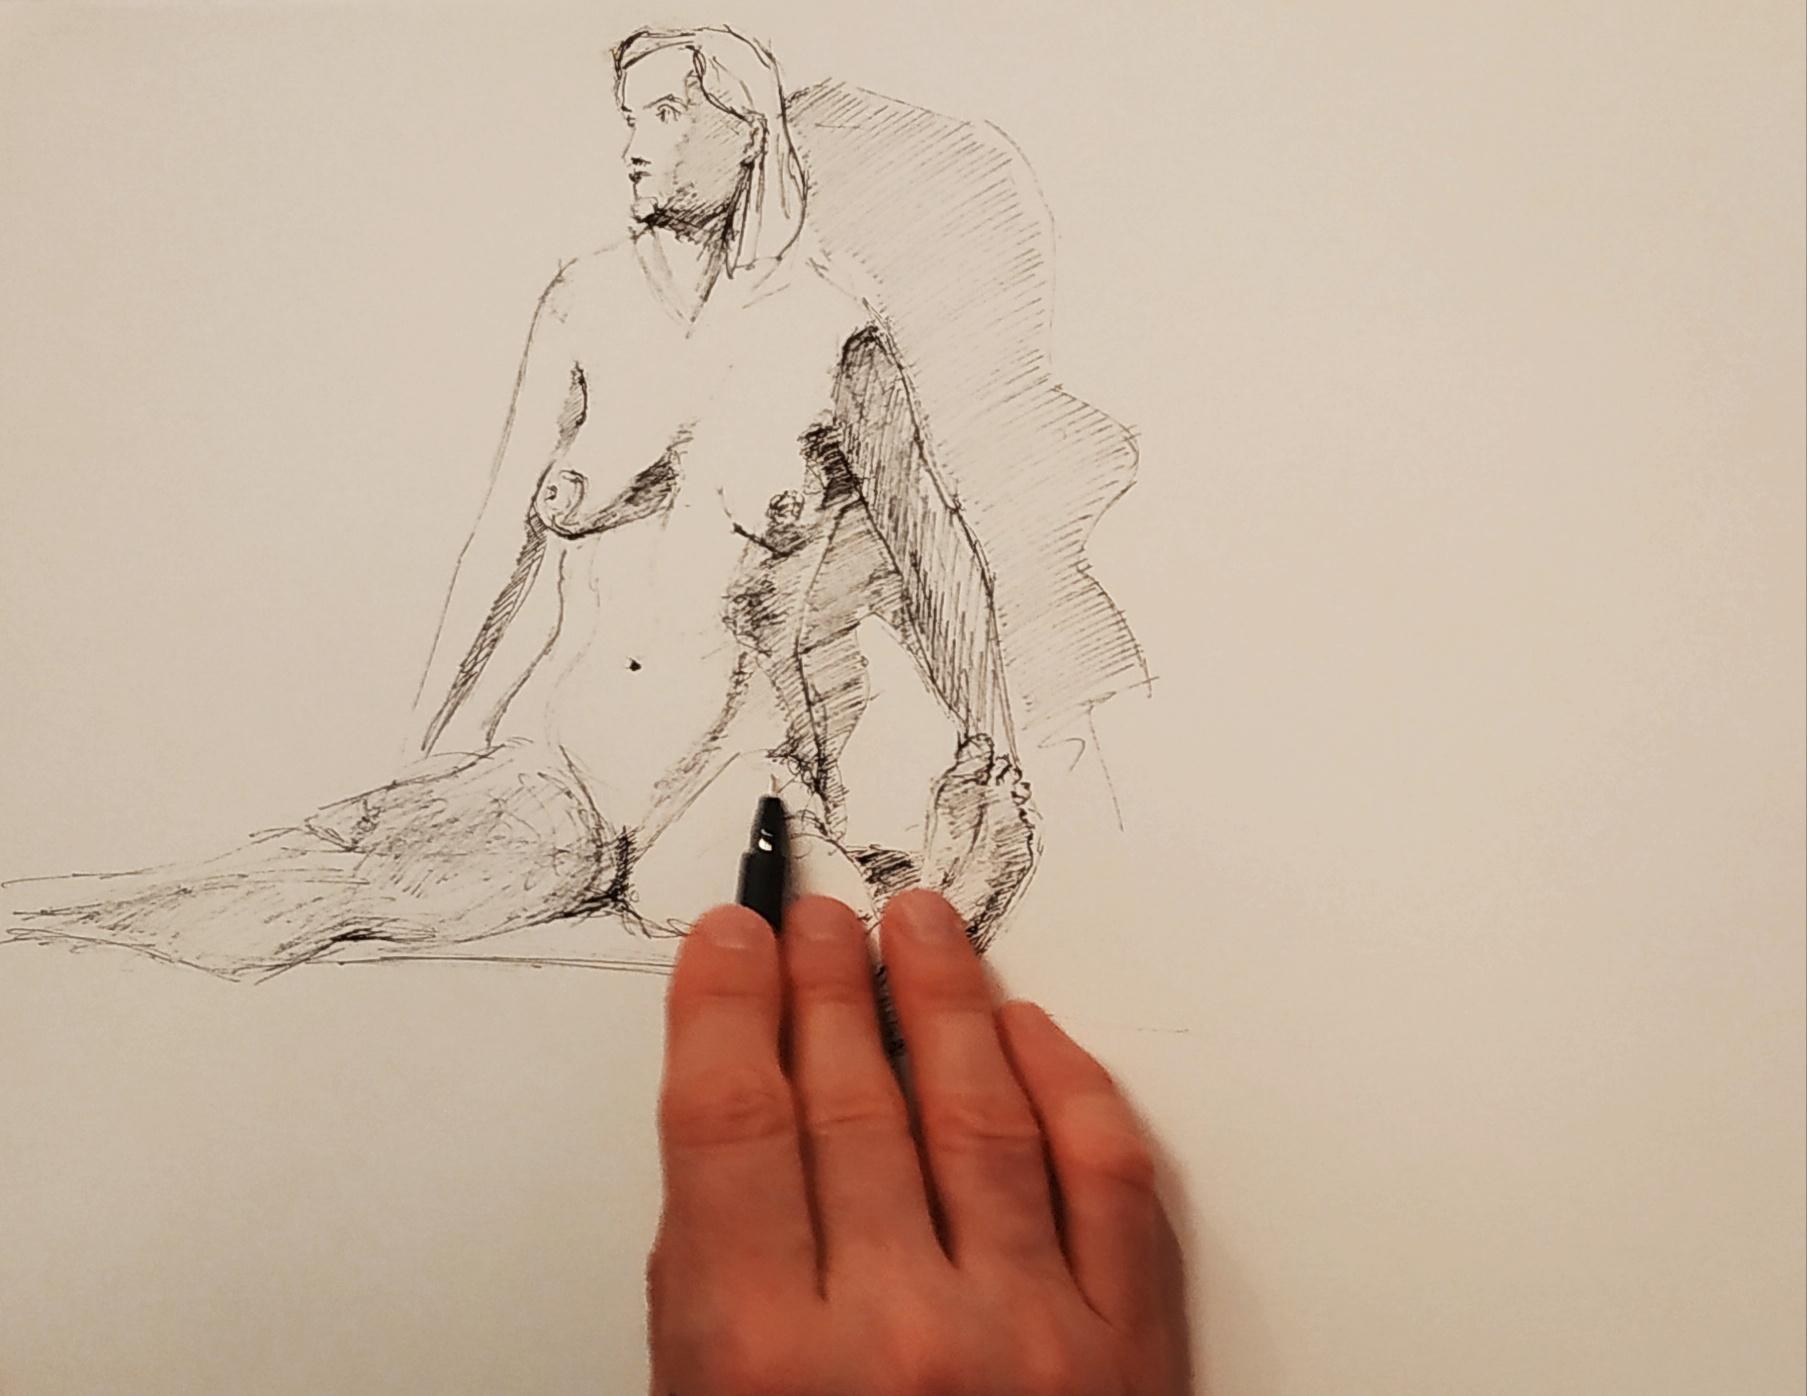 Dessin mod�le vivant Hachures au stylo  cours de dessin